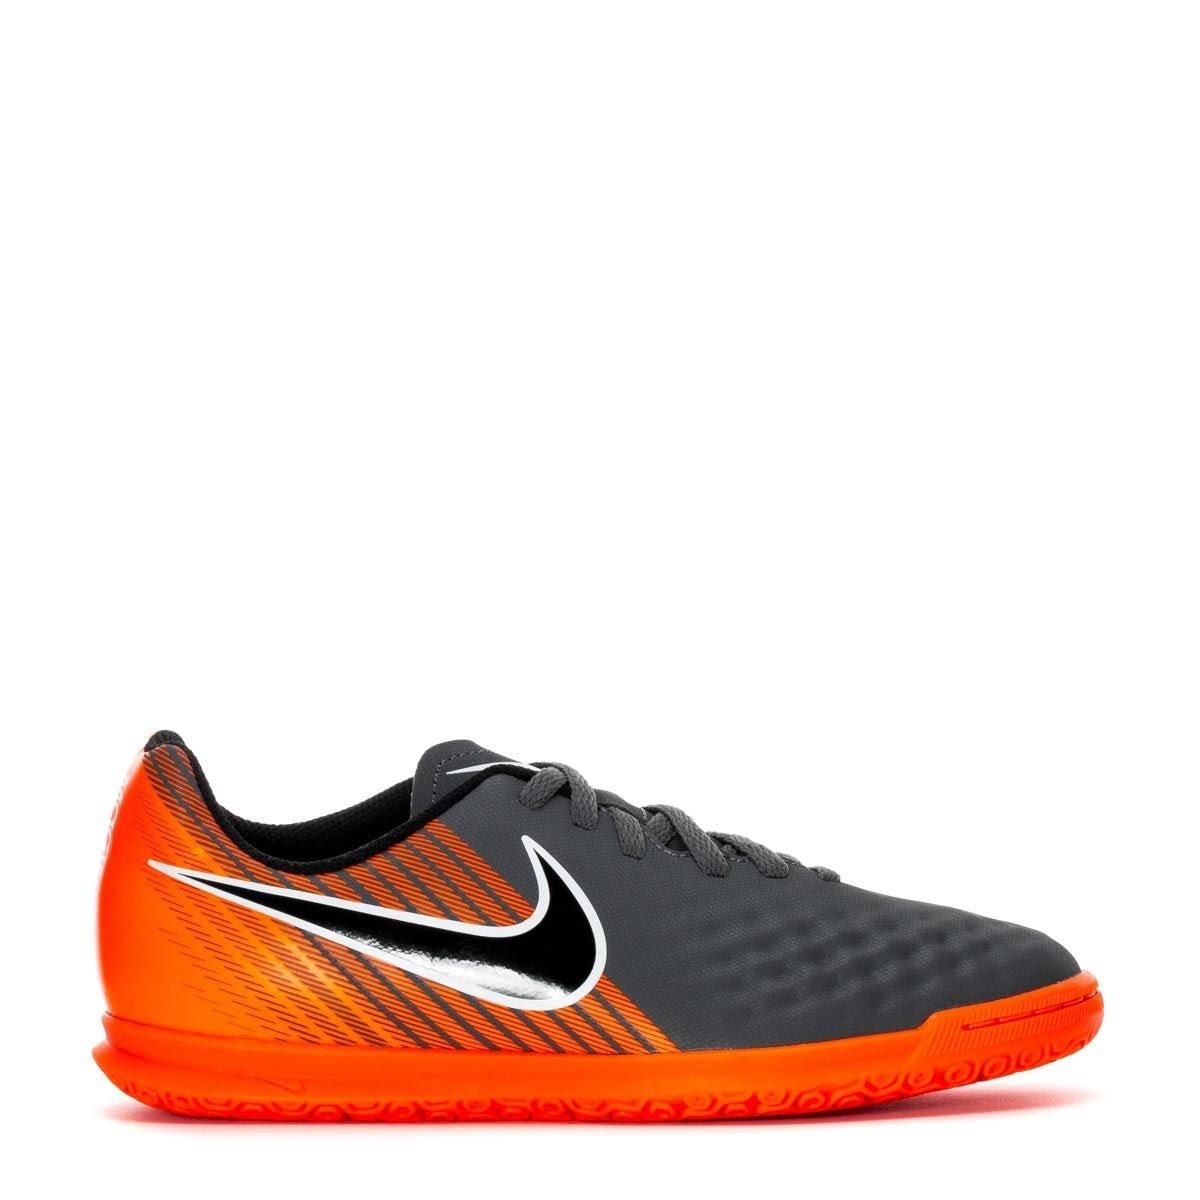 scarpe nike nere e verdi, Nike jr. hypervenom phelon ag